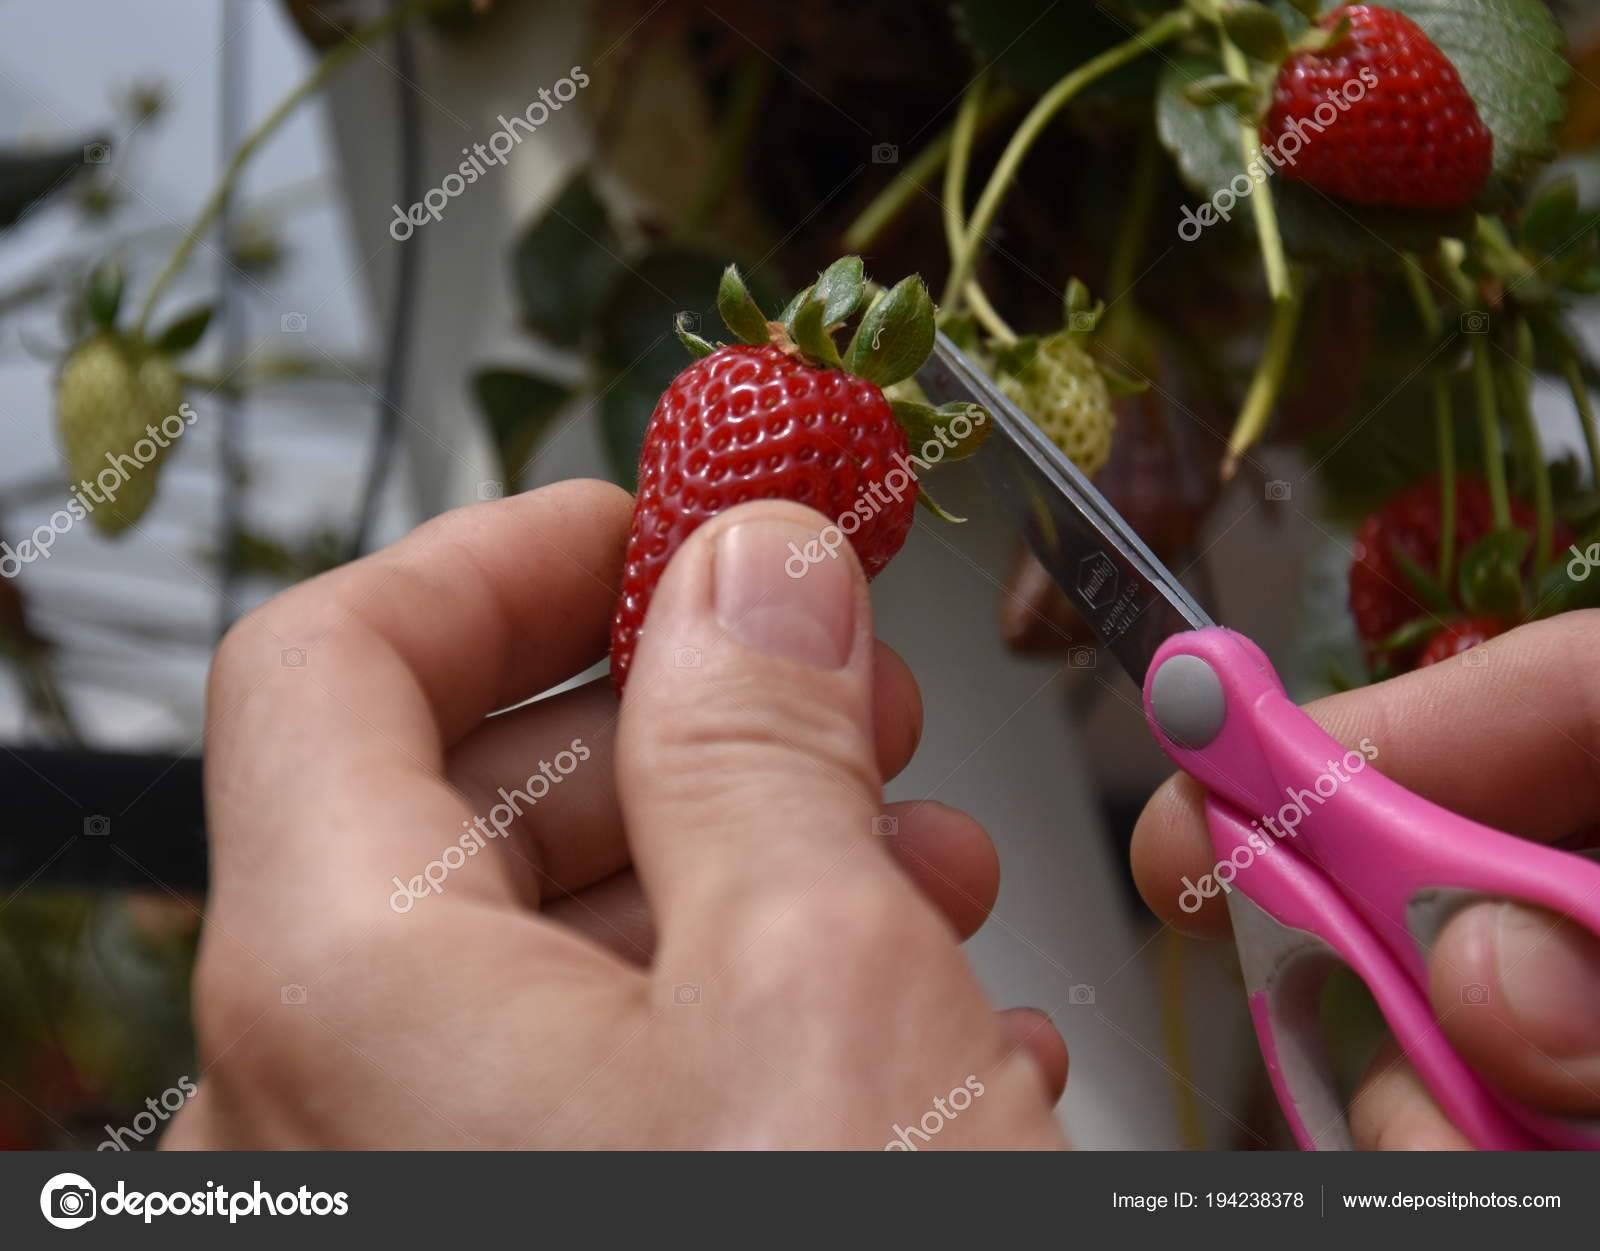 Выращивание клубники - пять советов как получить хороший урожай